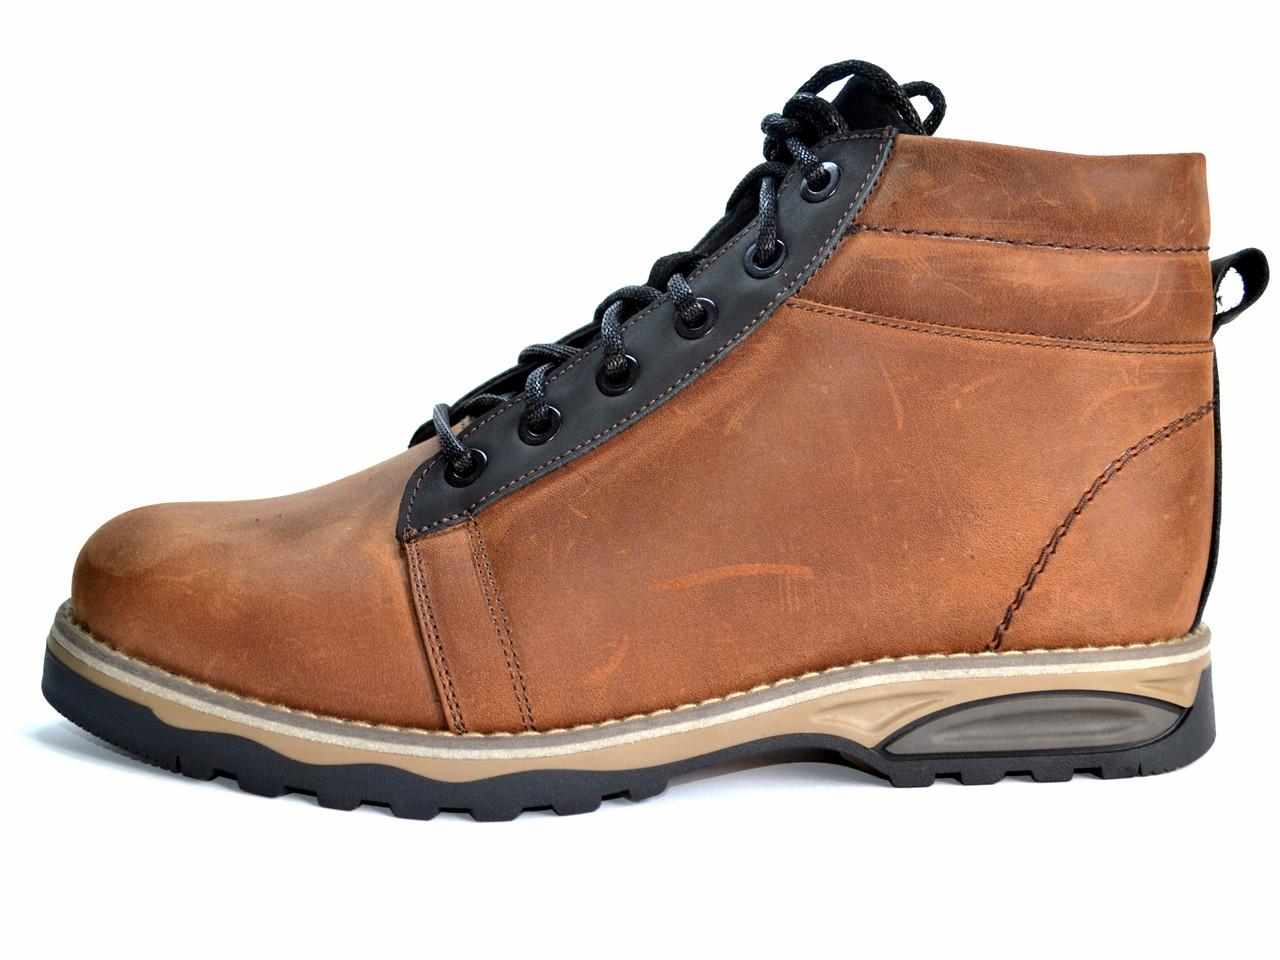 Зимние кроссовки мужские на меху коричневые большой размер Rosso Avangard Bridge BS SE Trend Brown кожаные